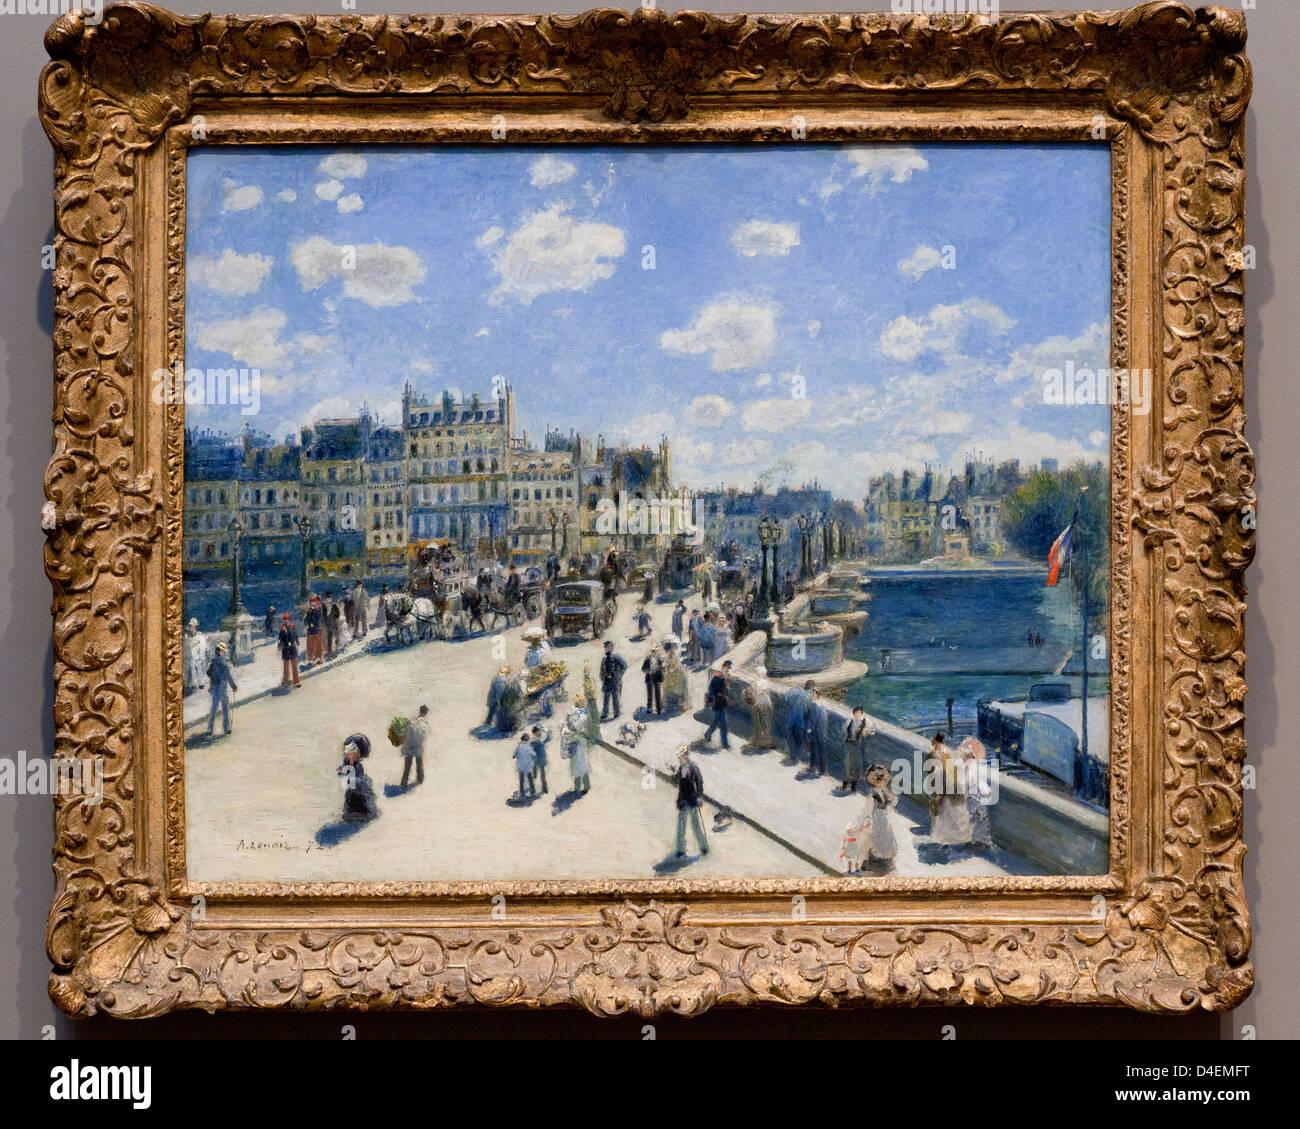 Pont Neuf, Paris by Auguste Renoir, 1871 - USA - Stock Image